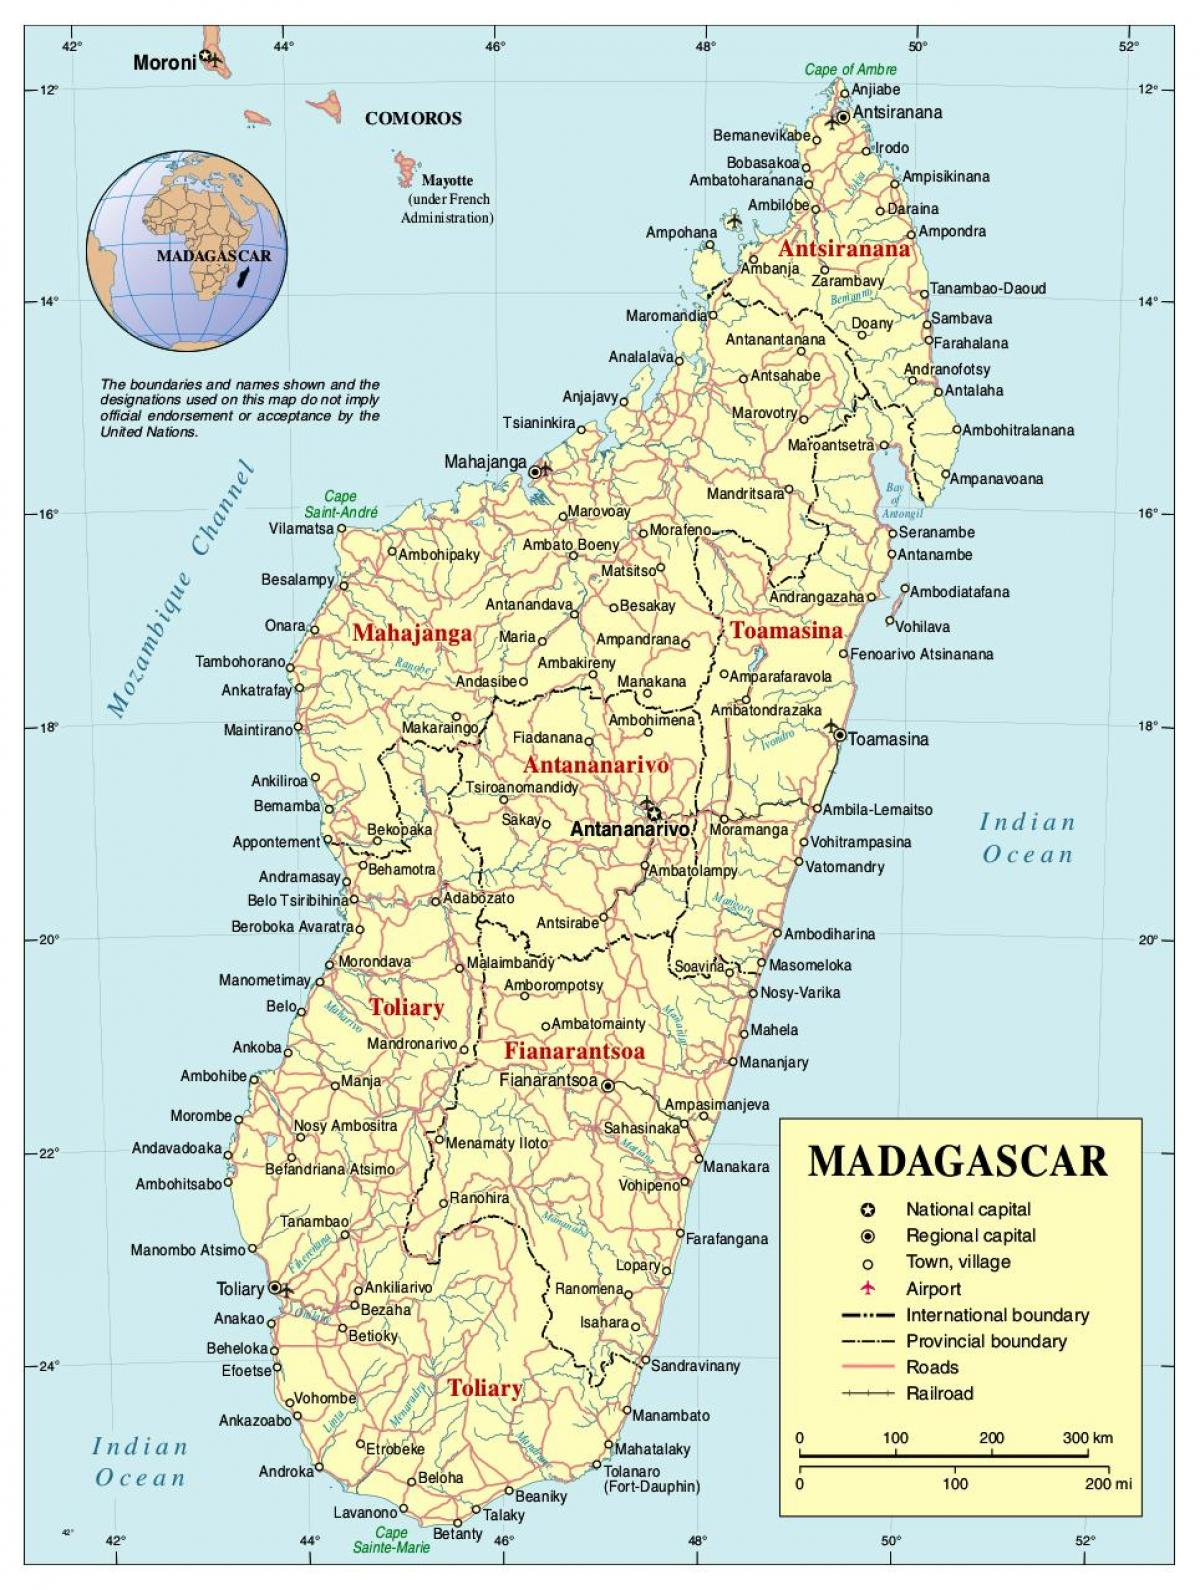 kart over madagaskar Madagaskar road map   Kart over Madagaskar veien (Øst Afrika   Afrika) kart over madagaskar